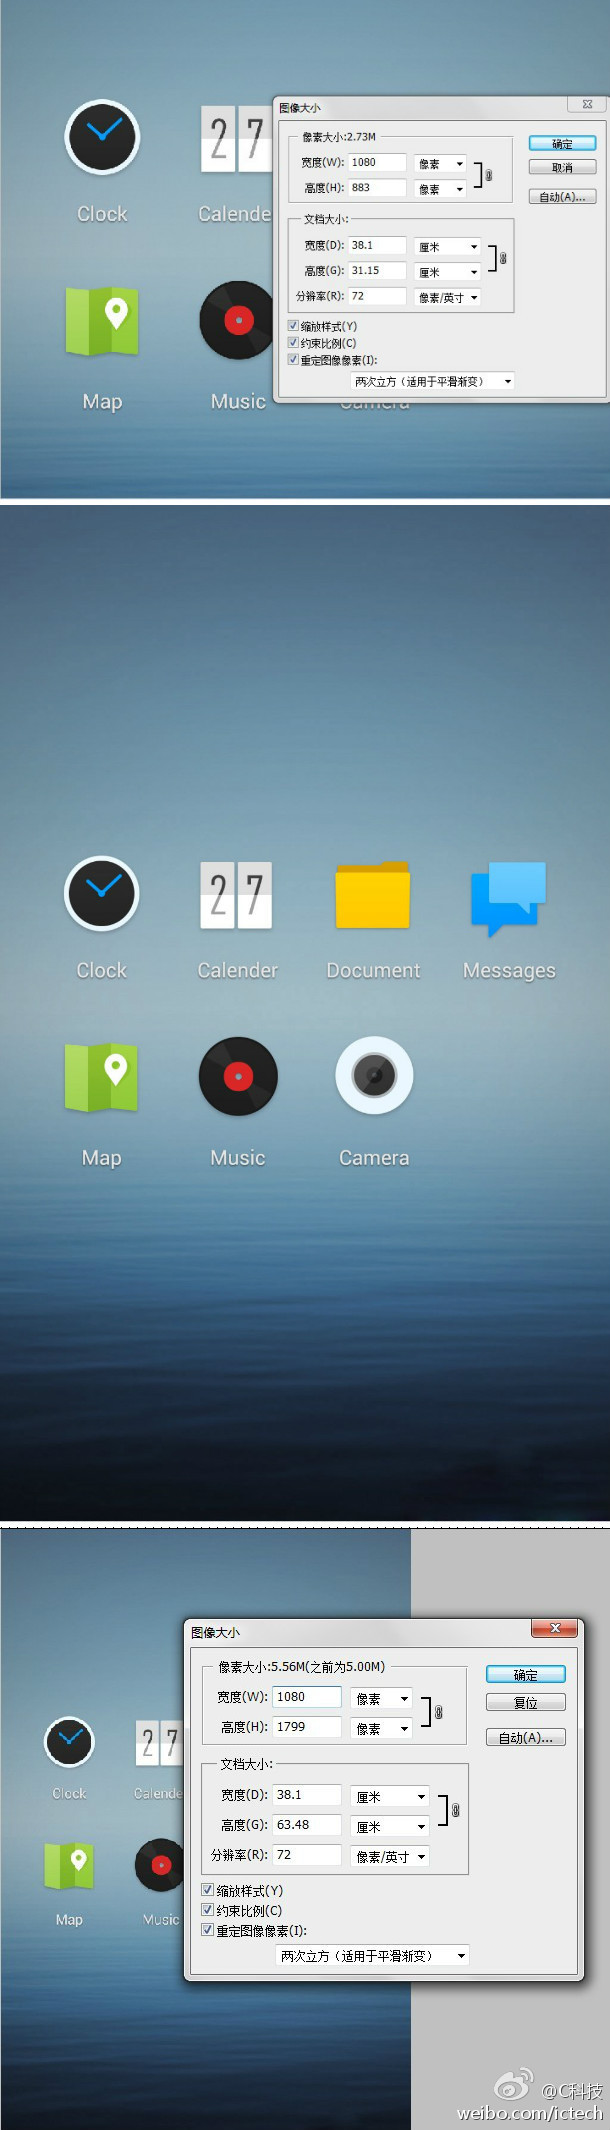 传魅族MX3将采用15:9屏比1080X1800分辨率屏幕